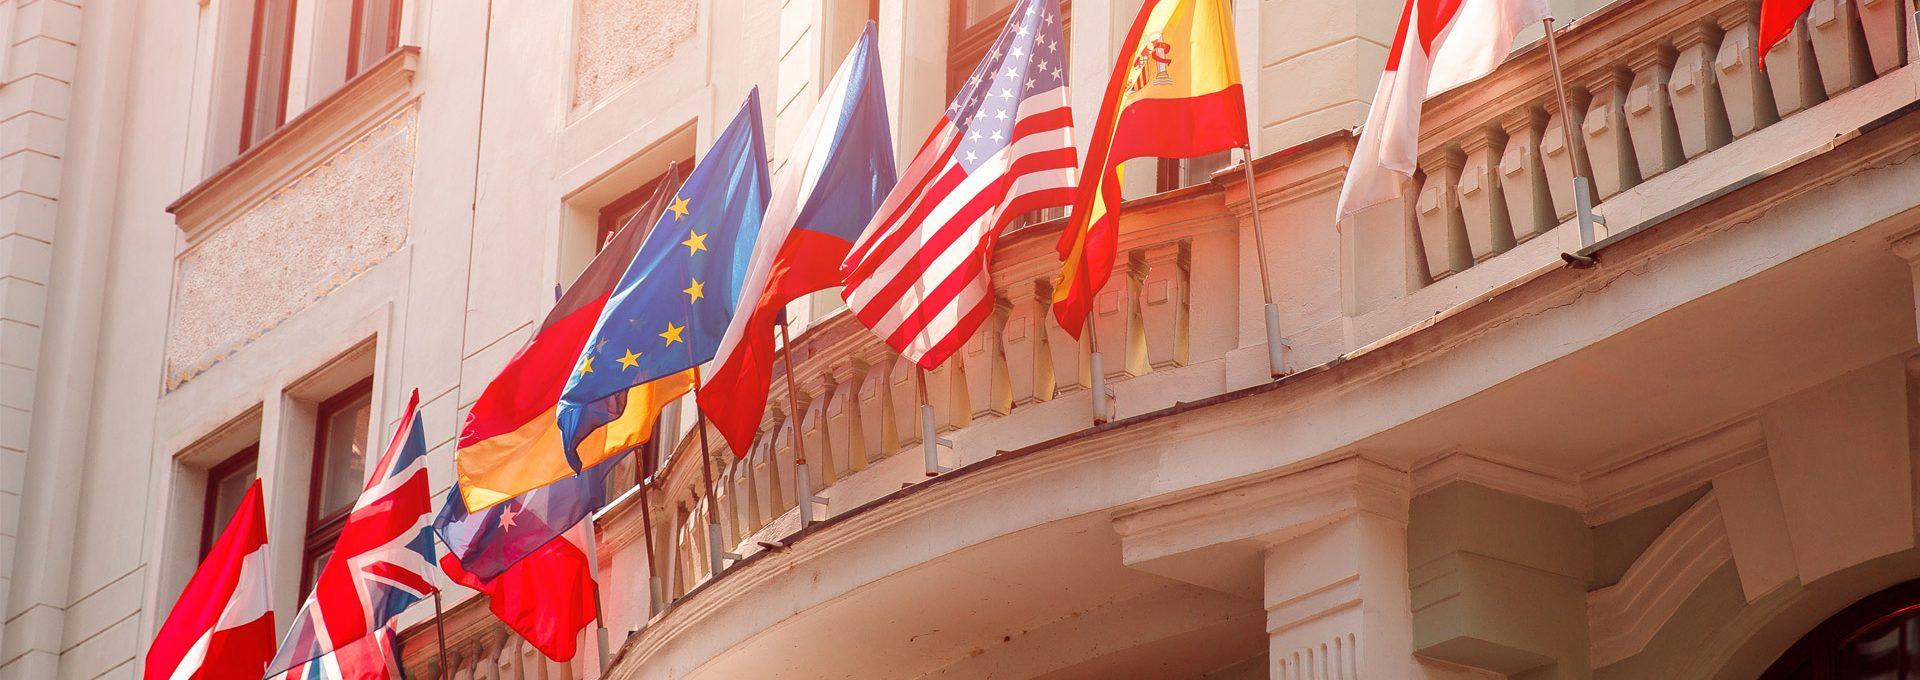 ניקוי שטיחים לשגרירויות